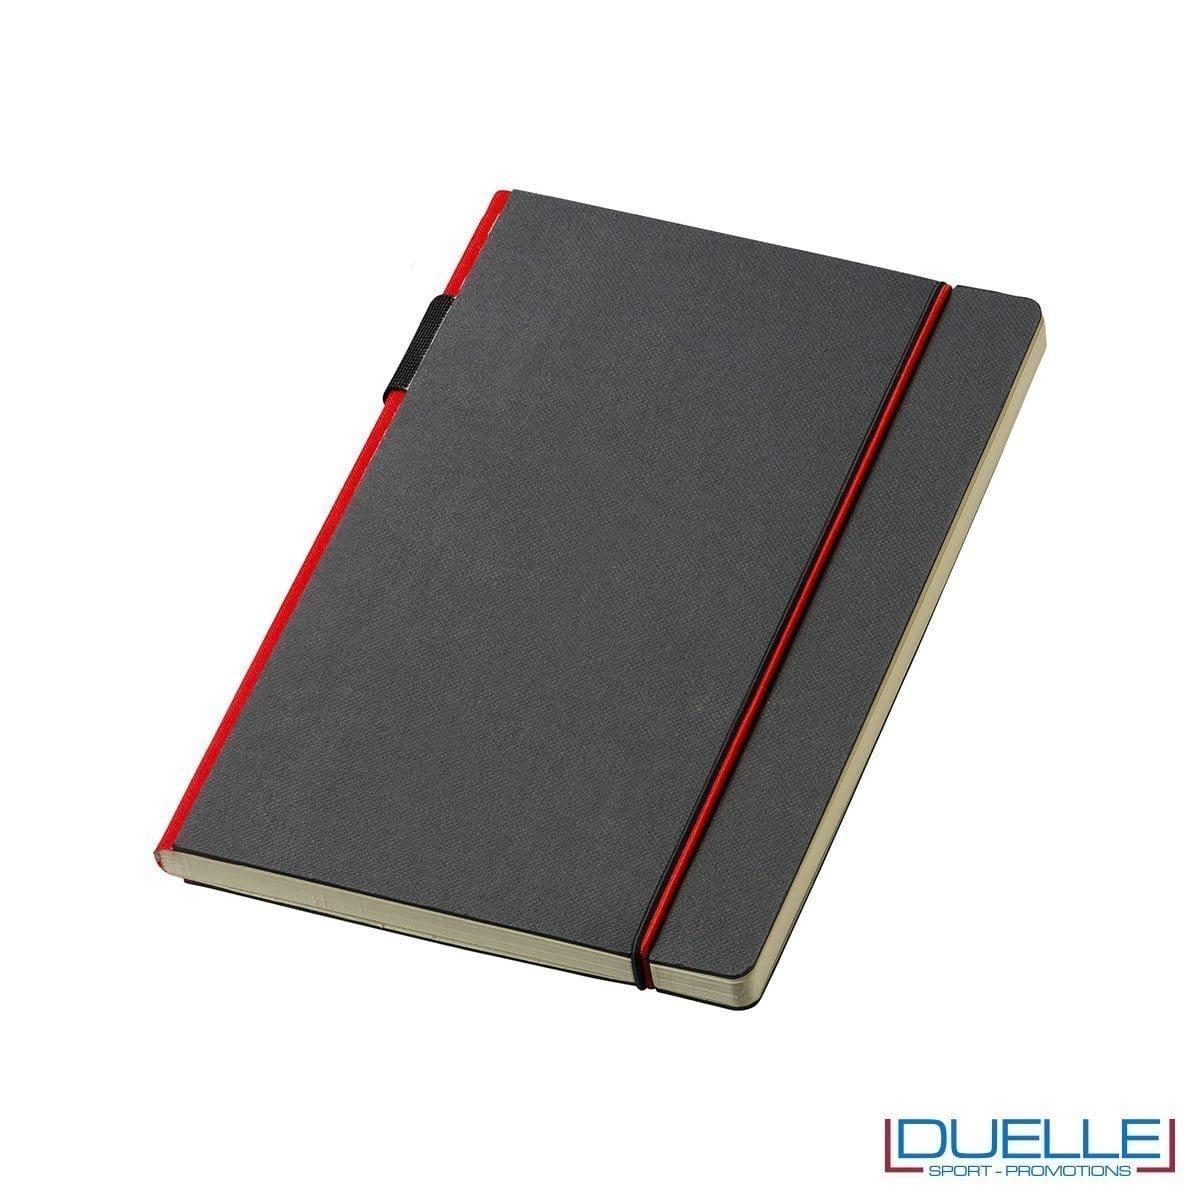 blocco appunti journalbooks con elastico rosso, portapenne e canvas rosso.